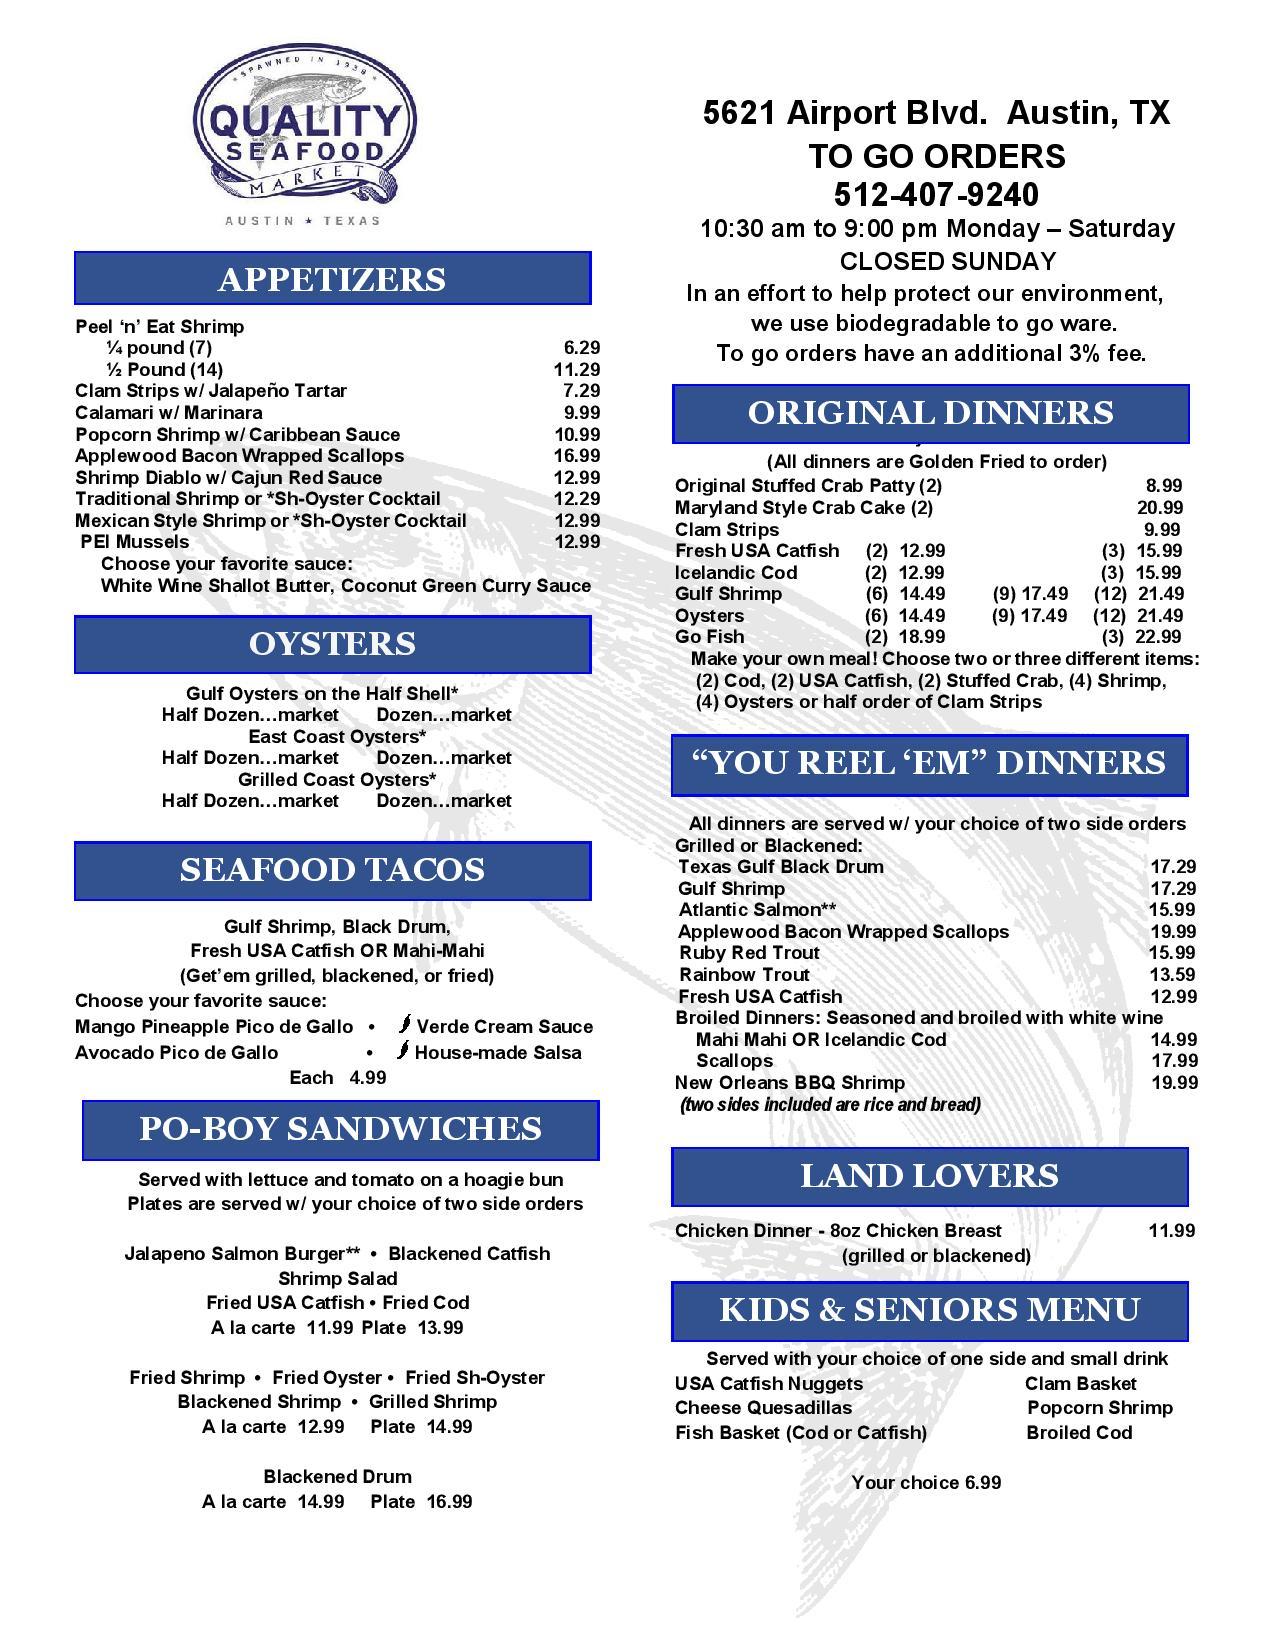 02-26-2019 menu update  (1)-page-001.jpg